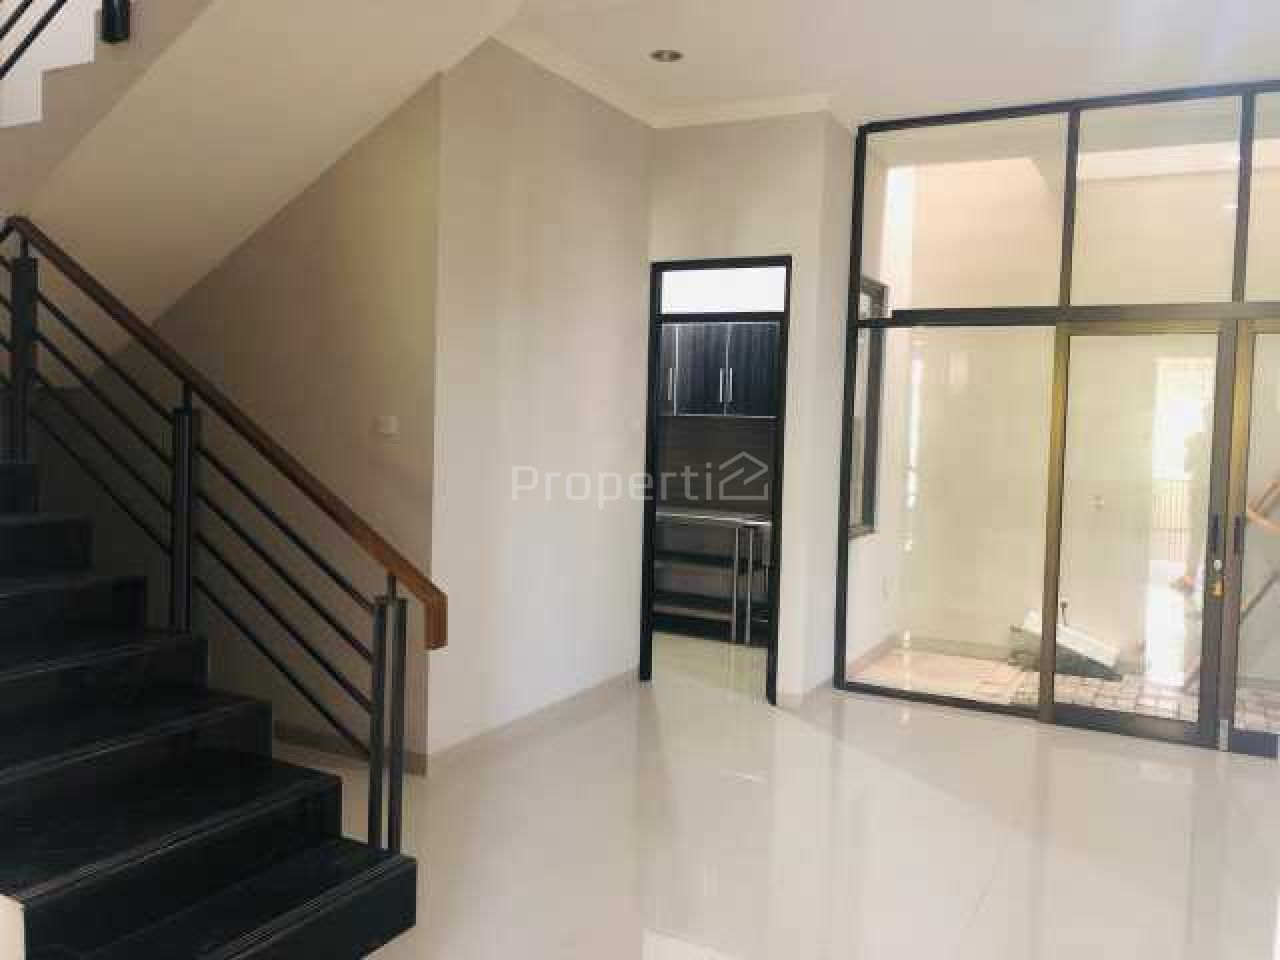 New House at Setra Murni, Bandung City, Kota Bandung